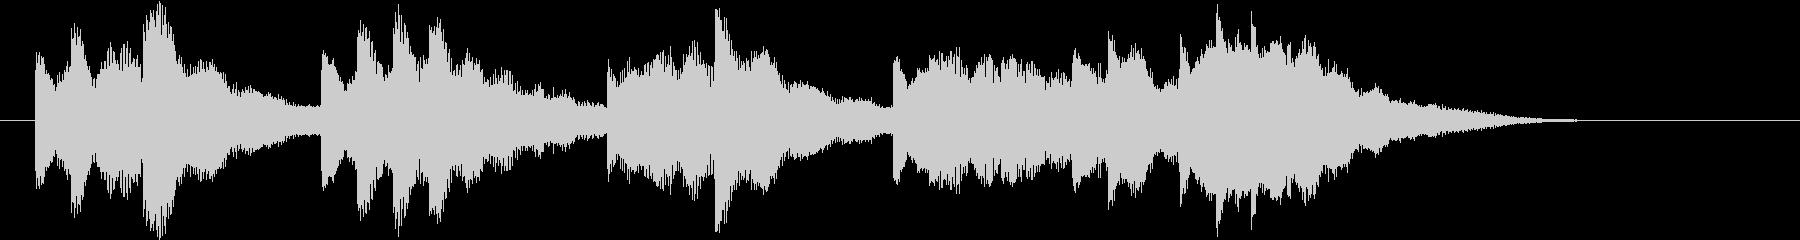 発車メロディー風のジングルの未再生の波形